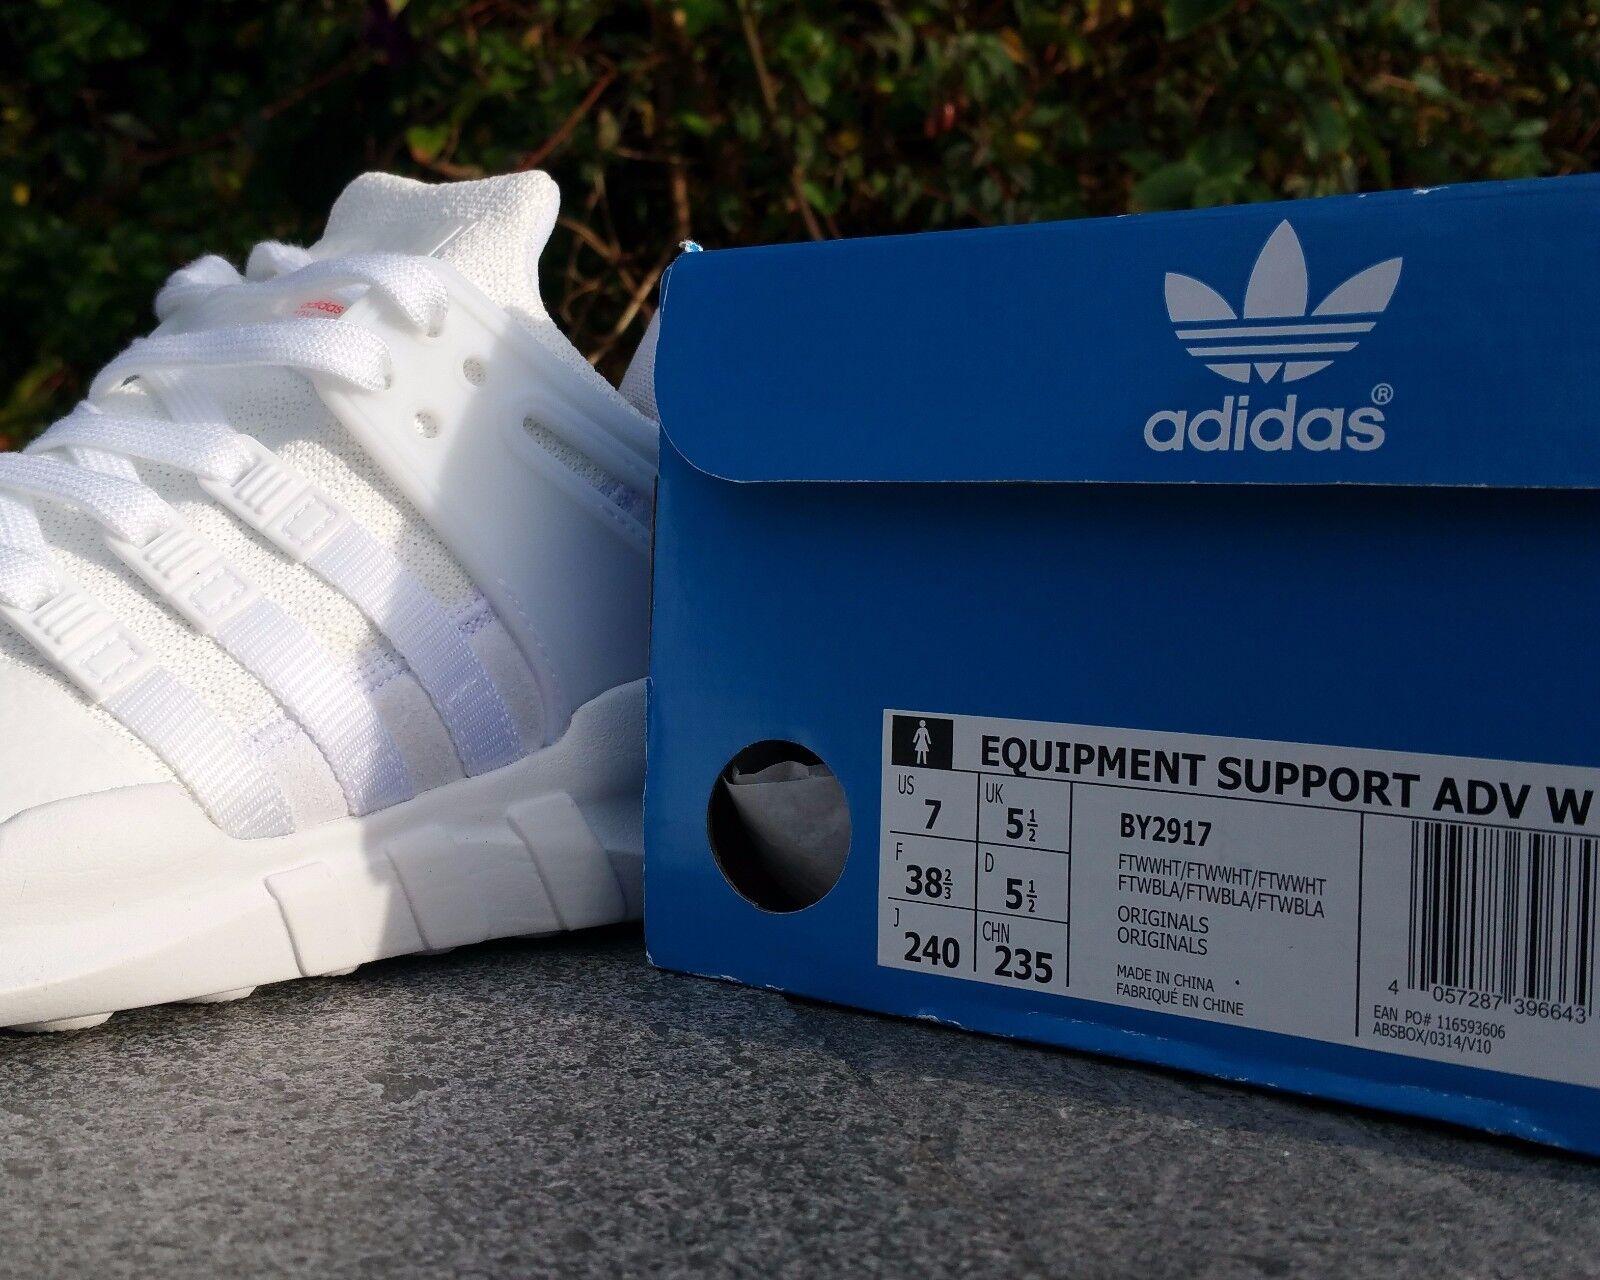 BNWB Genuine Weiß Adidas EQT Equipment Support Adv ® Triple Weiß Genuine Trainers All Größes 8f2987